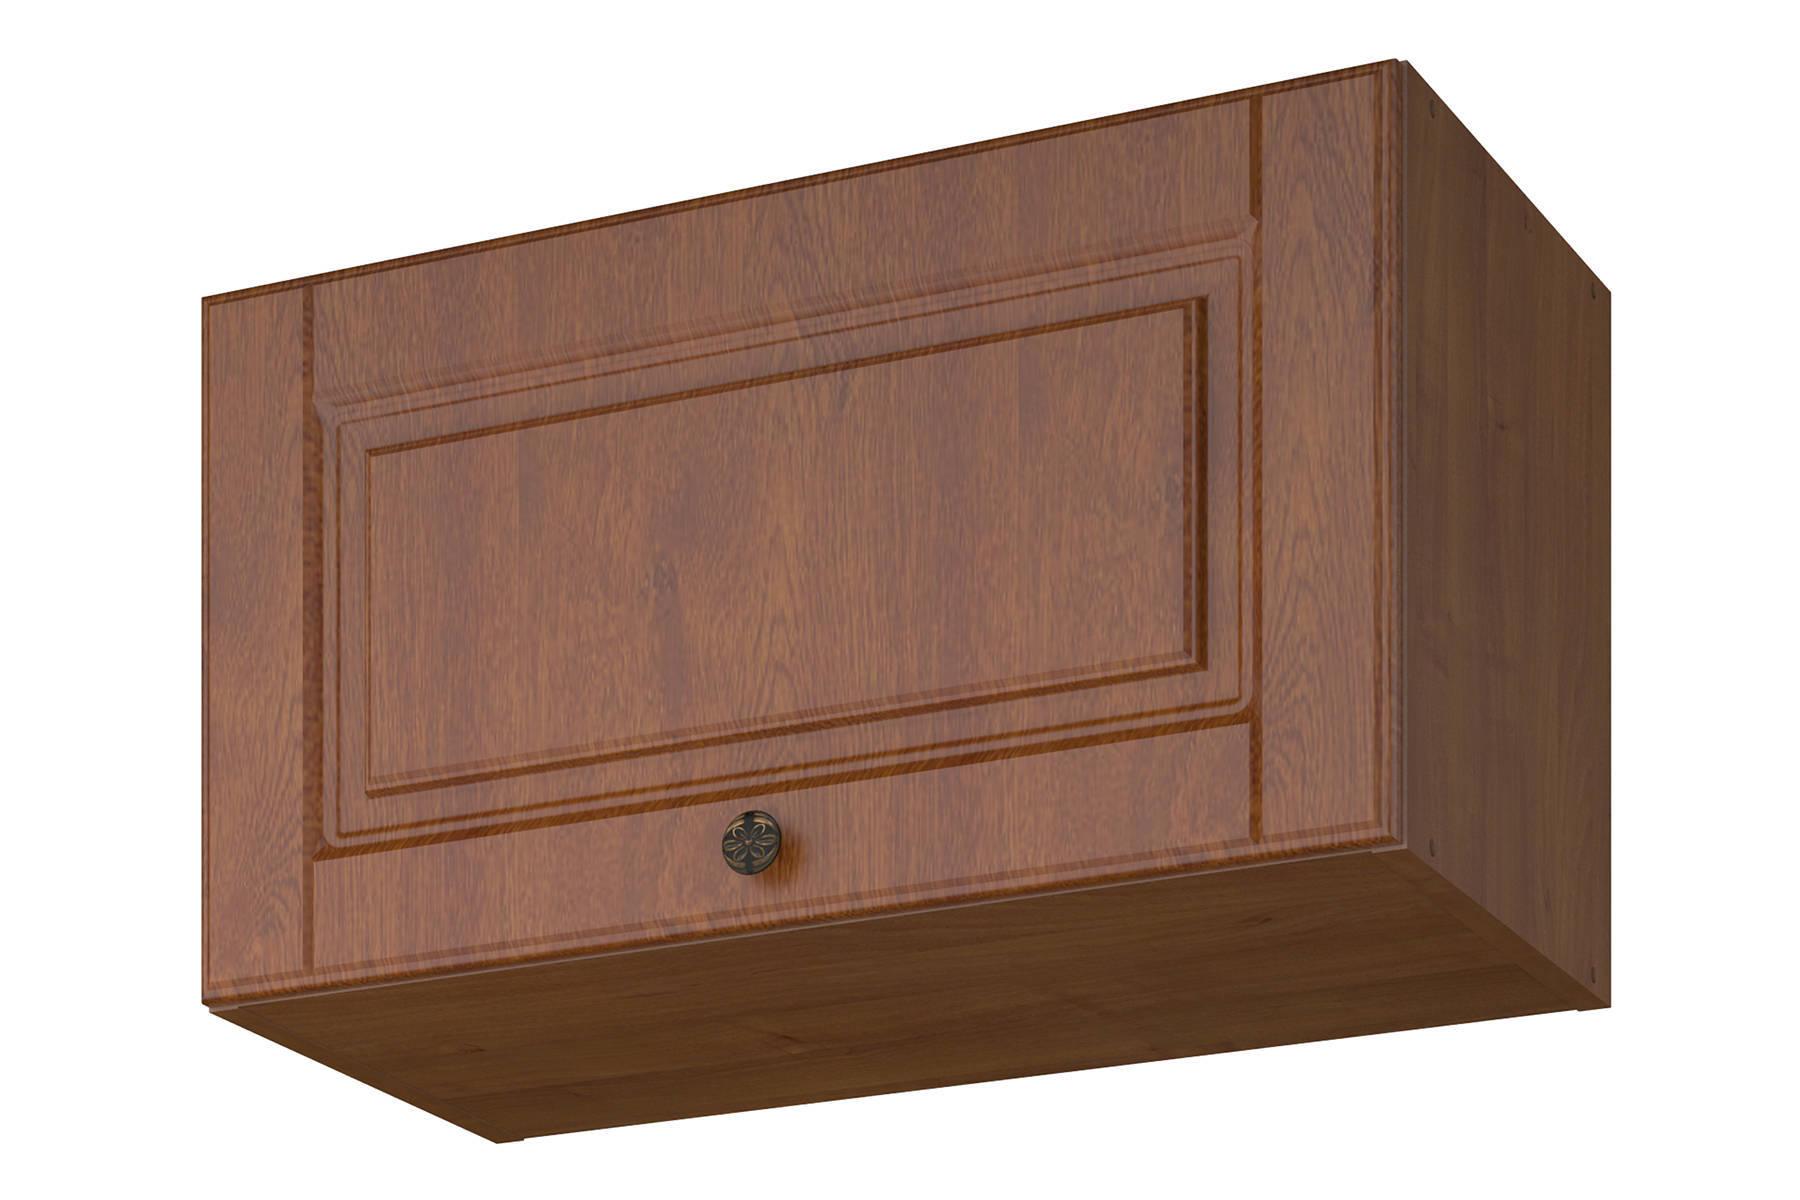 Шкаф навесной для вытяжки Lima СТЛ.308.04 шкаф навесной для вытяжки lima стл 308 04